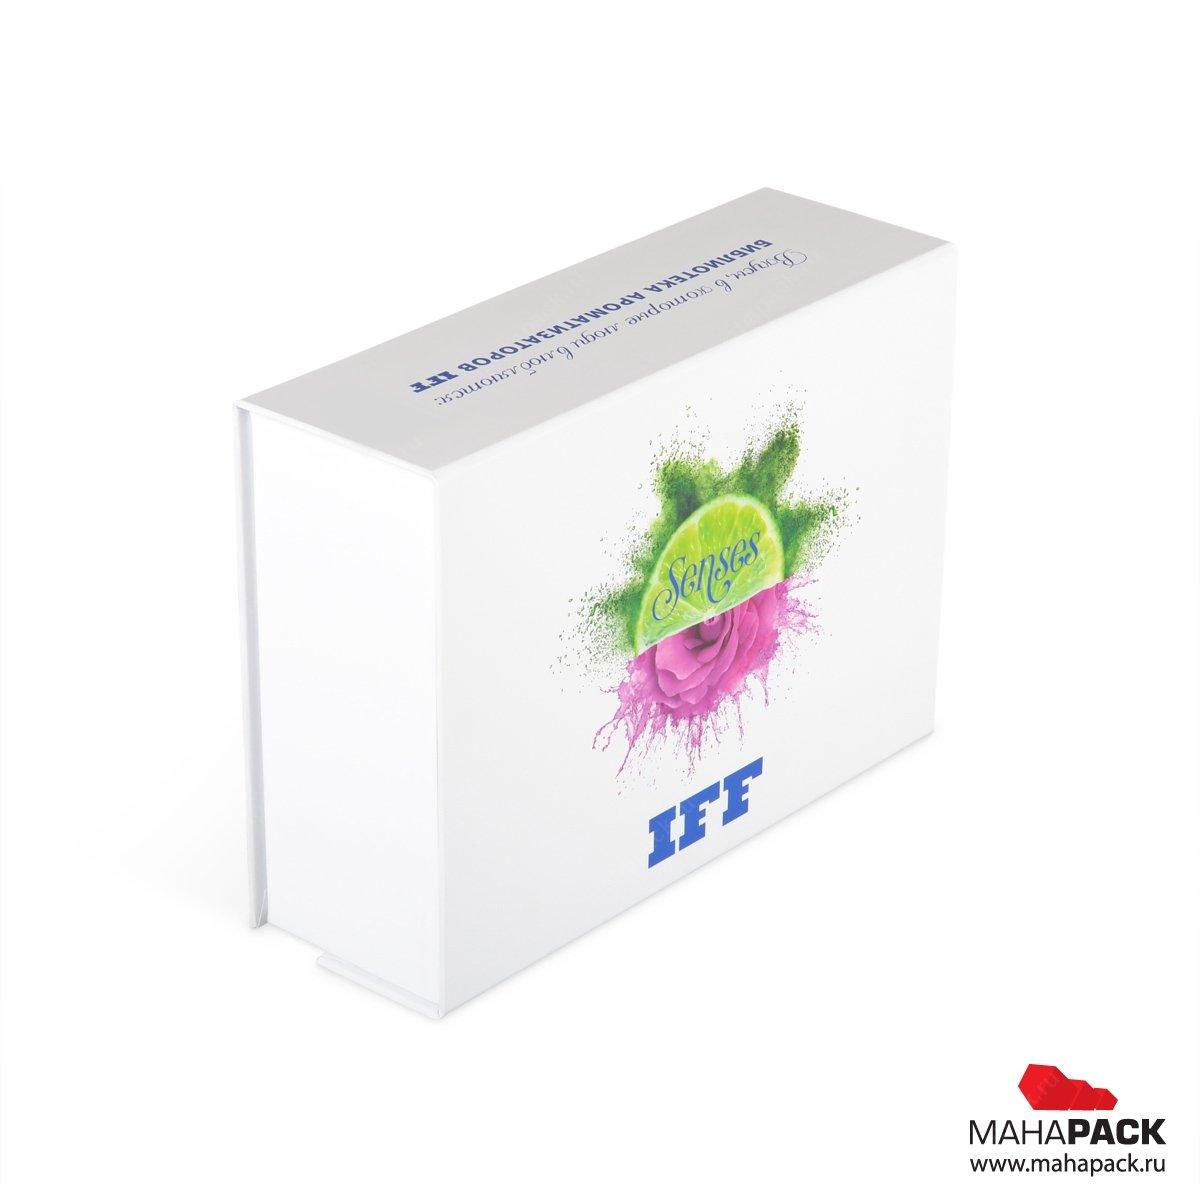 Кашированная коробка с магнитным клапаном на заказ